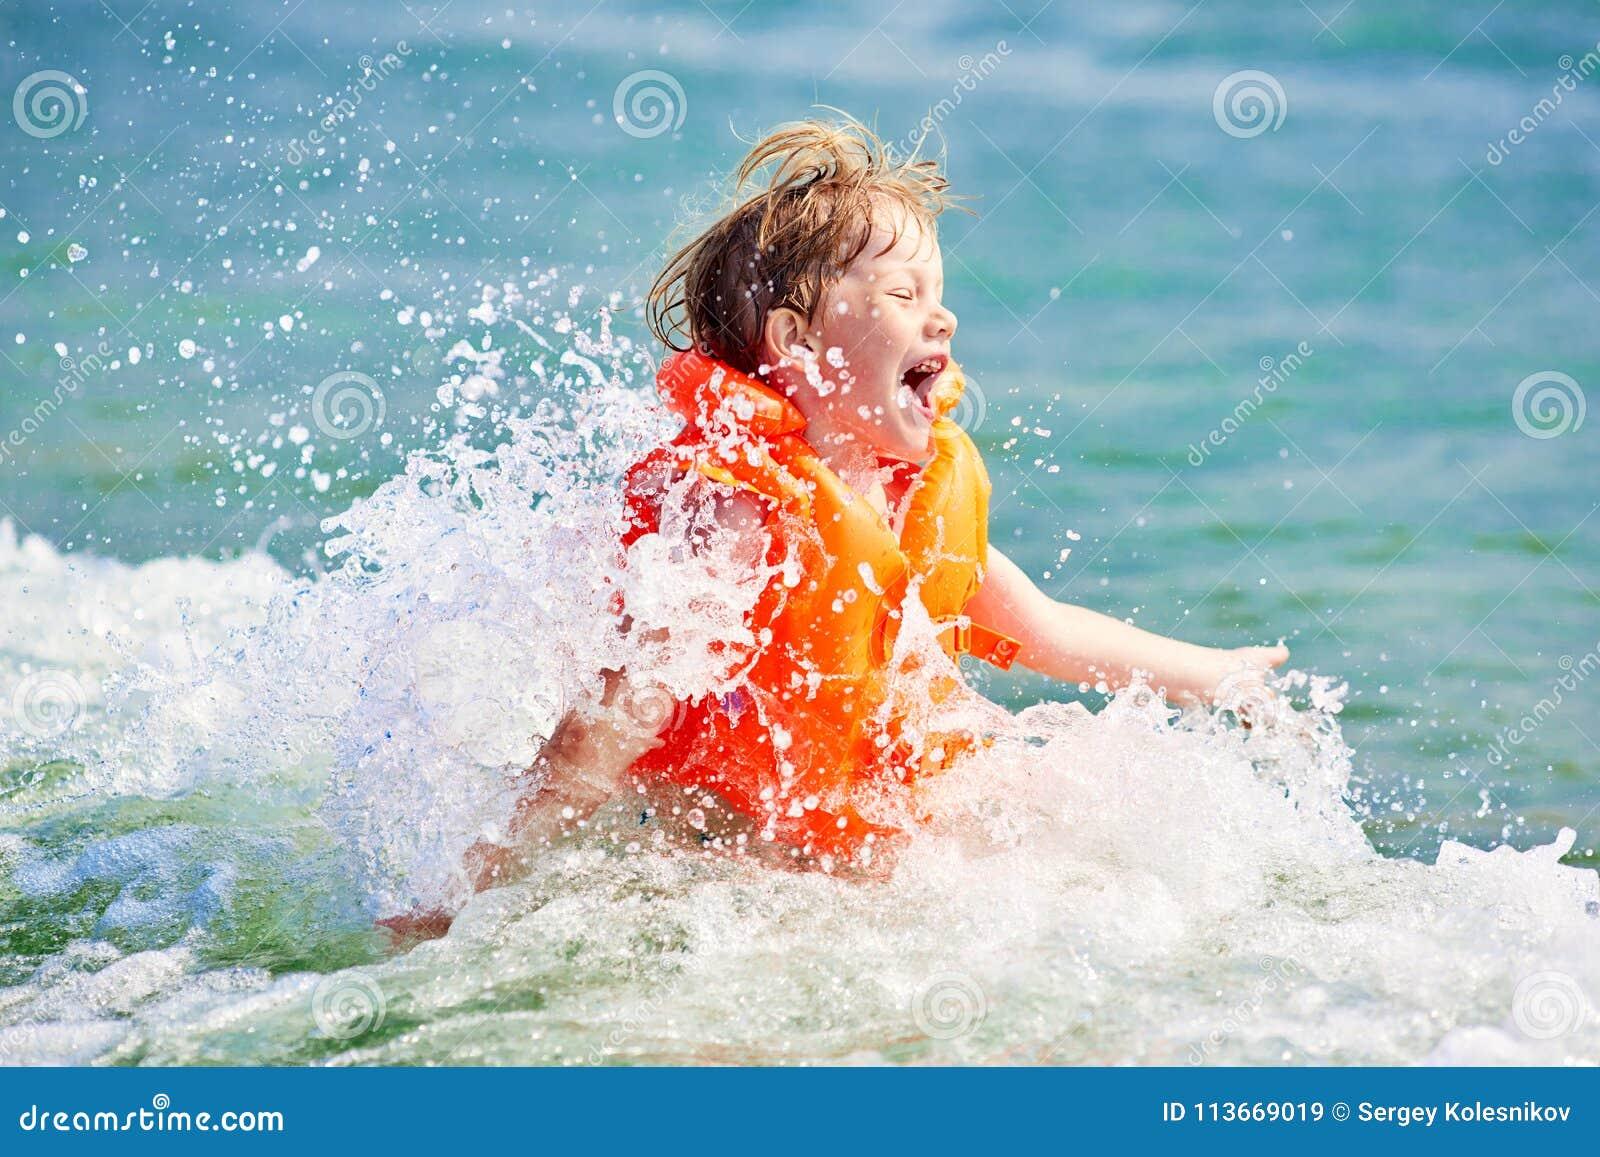 Little boy in orange life vest swimming in wave sea